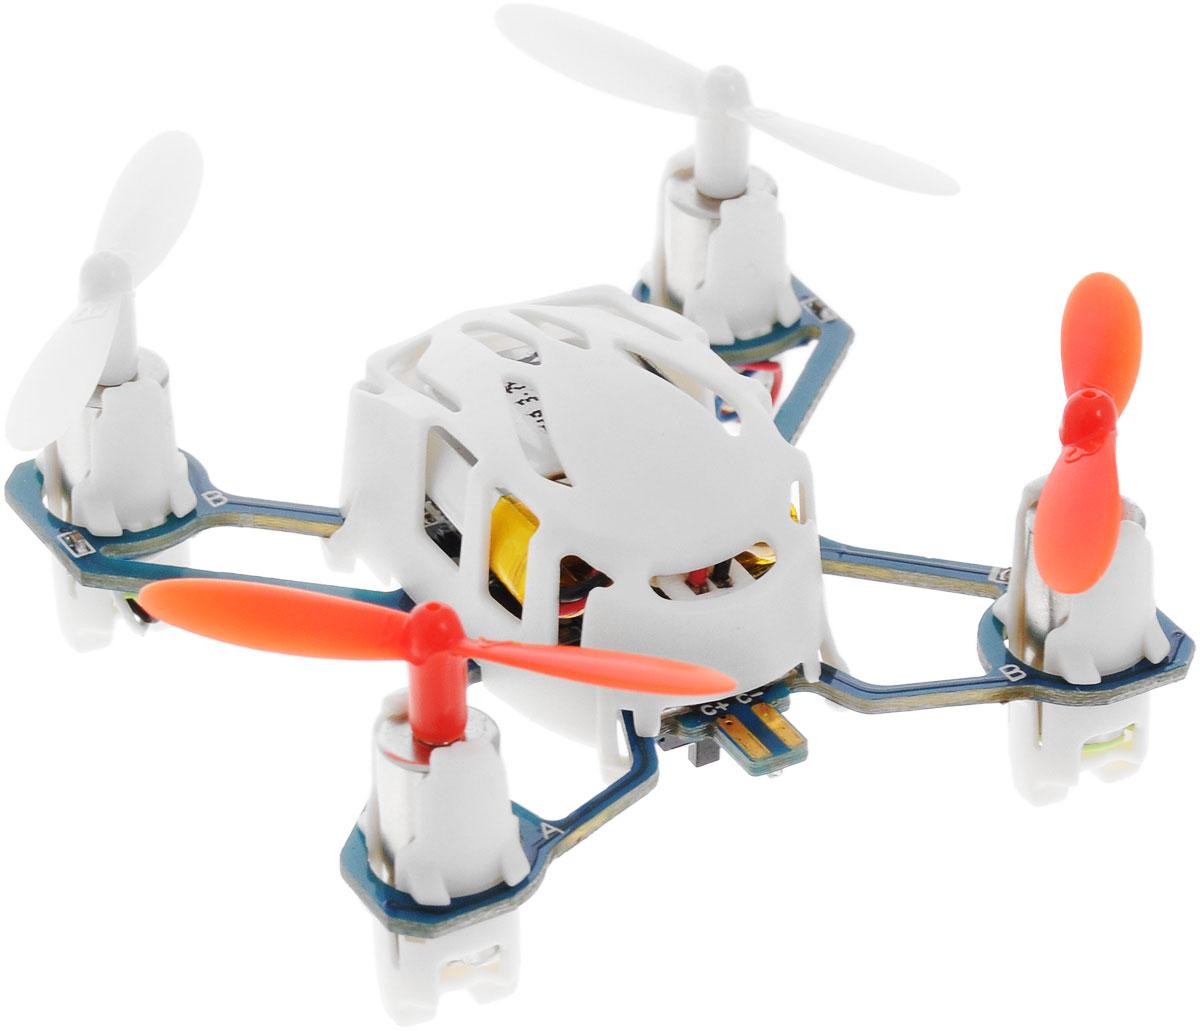 Hubsan Квадрокоптер на радиоуправлении Q4 NanoH111Квадрокоптер на радиоуправлении Hubsan Q4 Nano c инфракрасным управлением подходит для полетов в закрытых помещениях или на улице в безветренную погоду. Управляется игрушка с помощью удобного пульта. Компактная модель оснащена четырьмя яркими винтами, которые поднимают коптер во время полета. Крепкий и прочный корпус защитит мини-дрон от серьезных ударов и повреждений. Благодаря продуманной конструкции, качественным материалам и чрезвычайно небольшому весу, Q4 Nano без повреждений может выдержать падения с небольшой высоты или столкновения с препятствиями. Игрушка развивает многочисленные способности ребенка: мелкую моторику, пространственное мышление, реакцию и логику. Вертолет работает от встроенного аккумулятора, который можно заряжать от USB-шнура (входит в комплект). Для работы пульта управления необходимо докупить 2 батарейки напряжением 1,5V типа ААА (в комплект не входят).